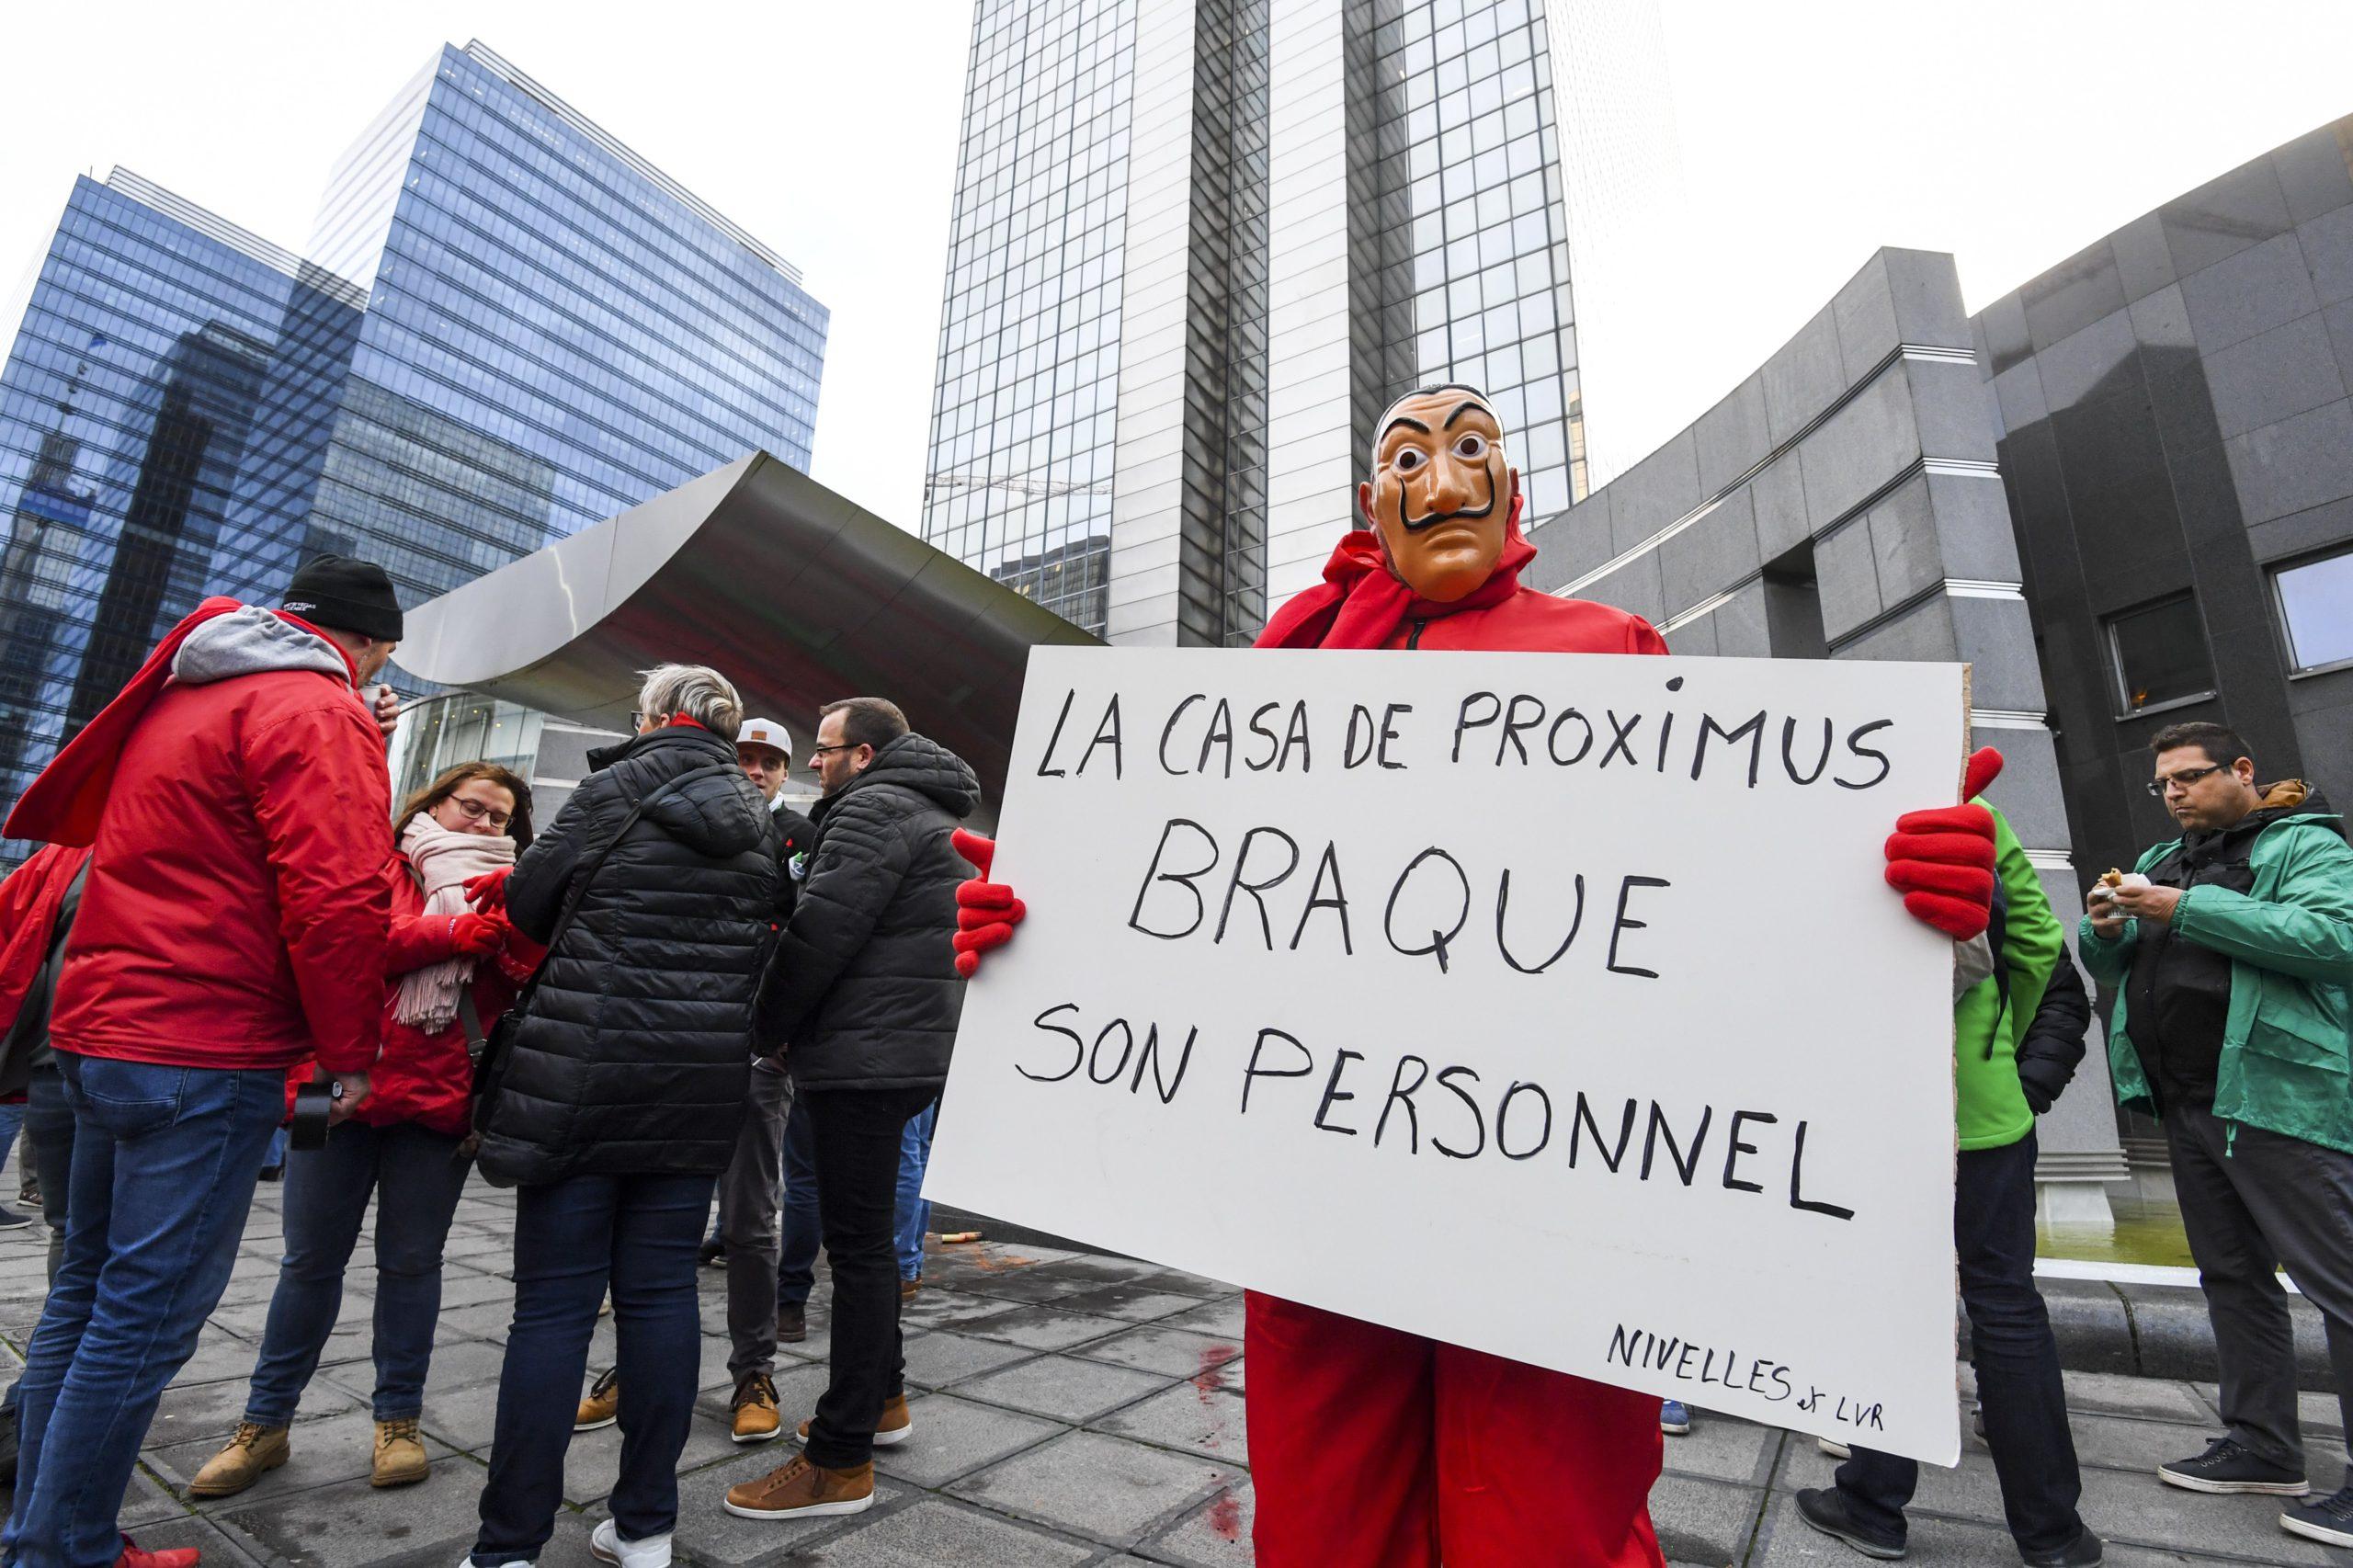 Les syndicats ont noté les ajustements et la disposition de la direction de l'opérateur Proximus, à l'issue d'une réunion de concertation entre les deux parties jeudi.